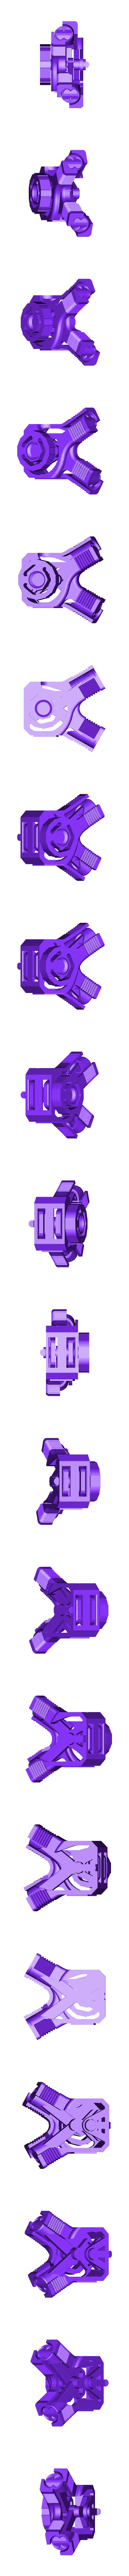 Skeletonized- V-Twin1.stl Download free STL file Skeletonized V-Twin! • Object to 3D print, SunShine